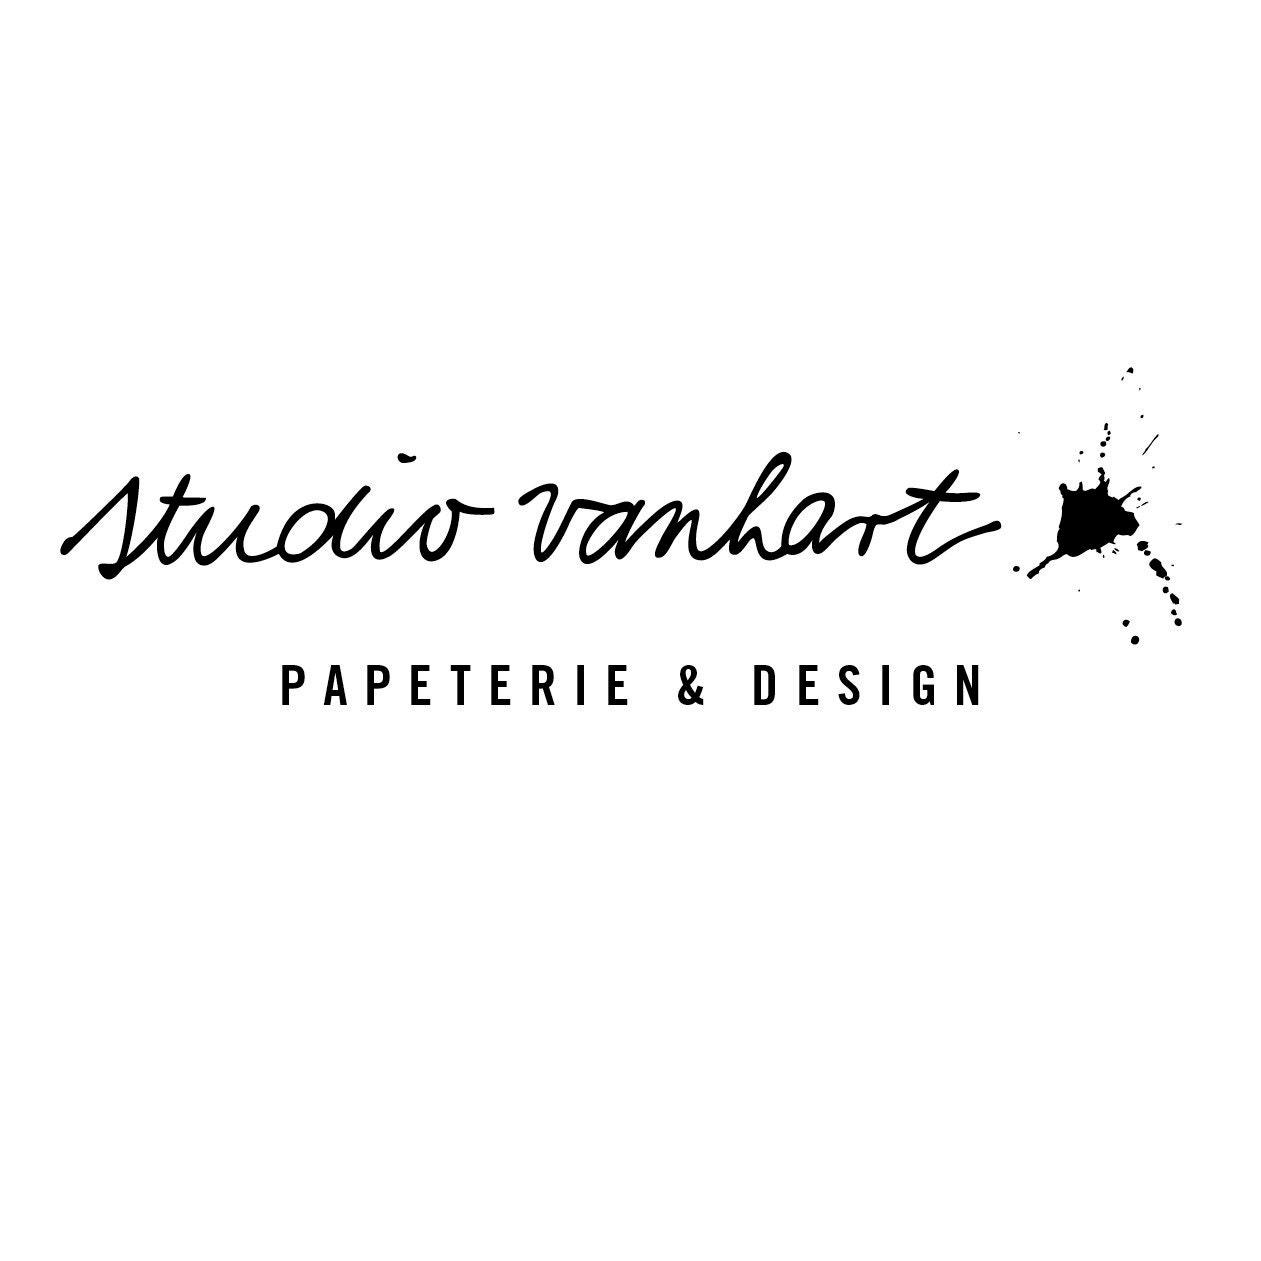 studio vanhart Papeterie & Design von studiovanhart auf Etsy